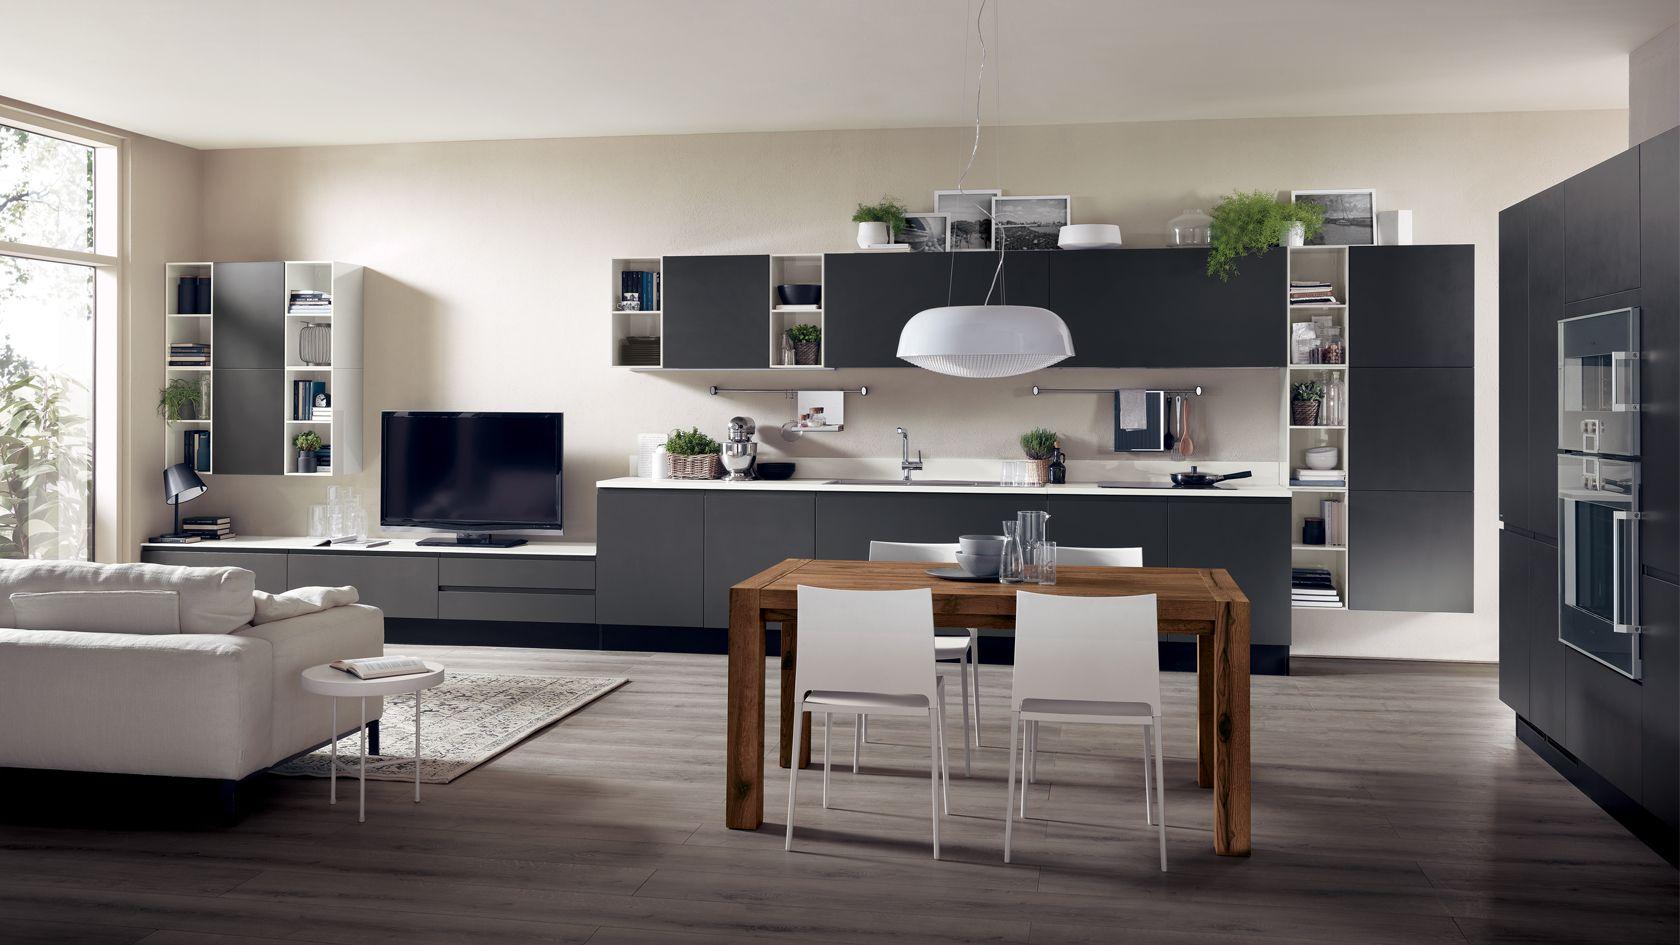 Cuisine Motus Scavolini | Cuisine | Pinterest | Cucina, Kitchens ...